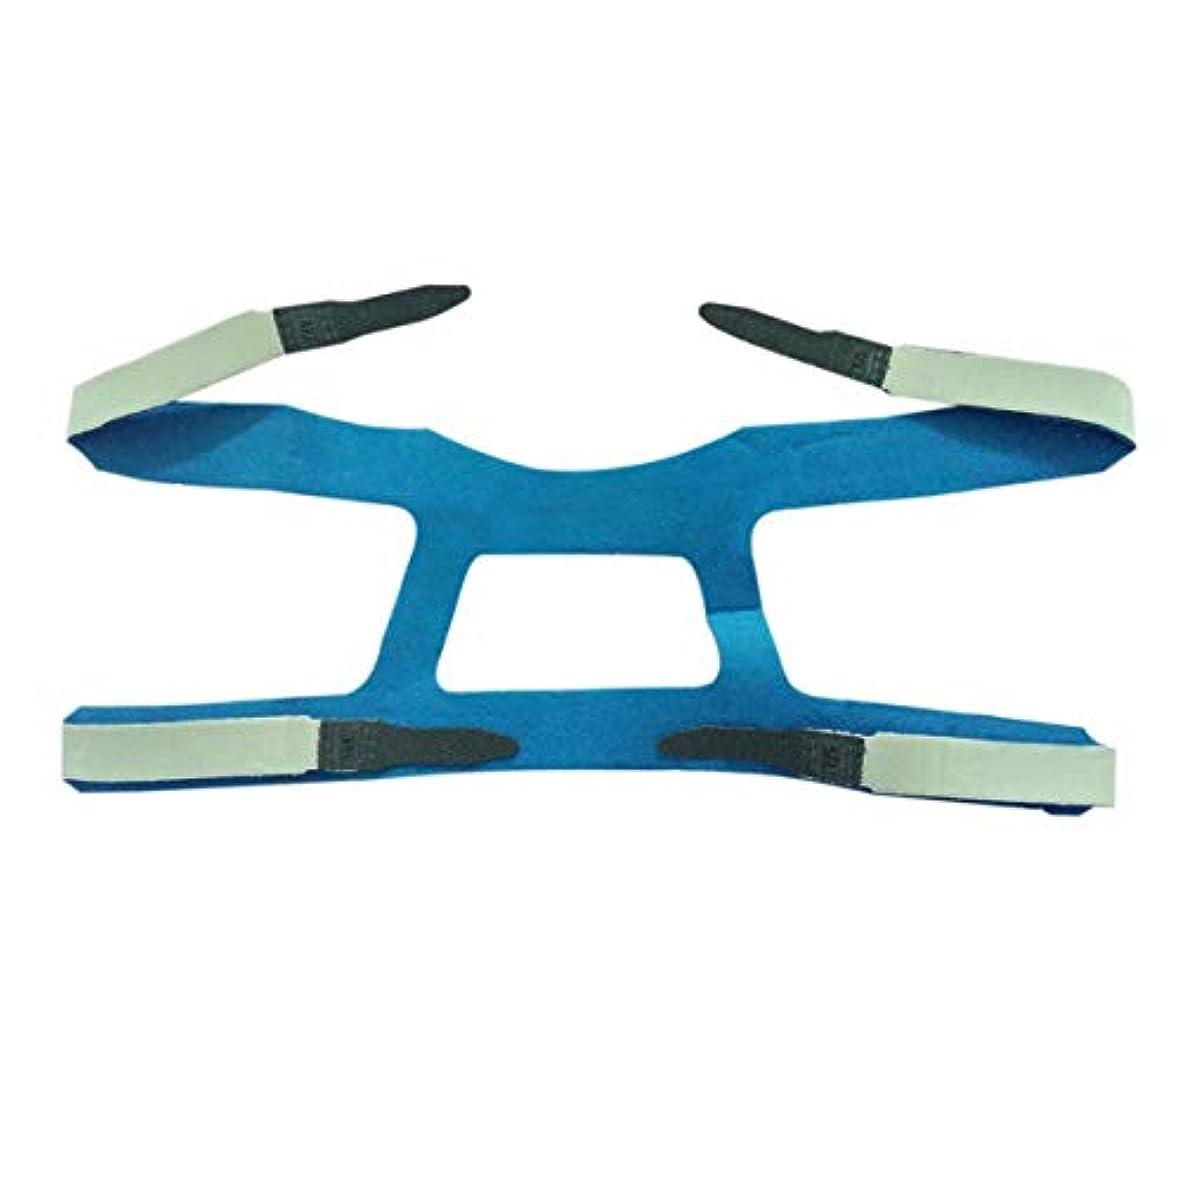 織機温度通訳ユニバーサルデザインのヘッドギアコンフォートゲルフルマスク安全な環境交換CPAPヘッドバンドなしPHILPS